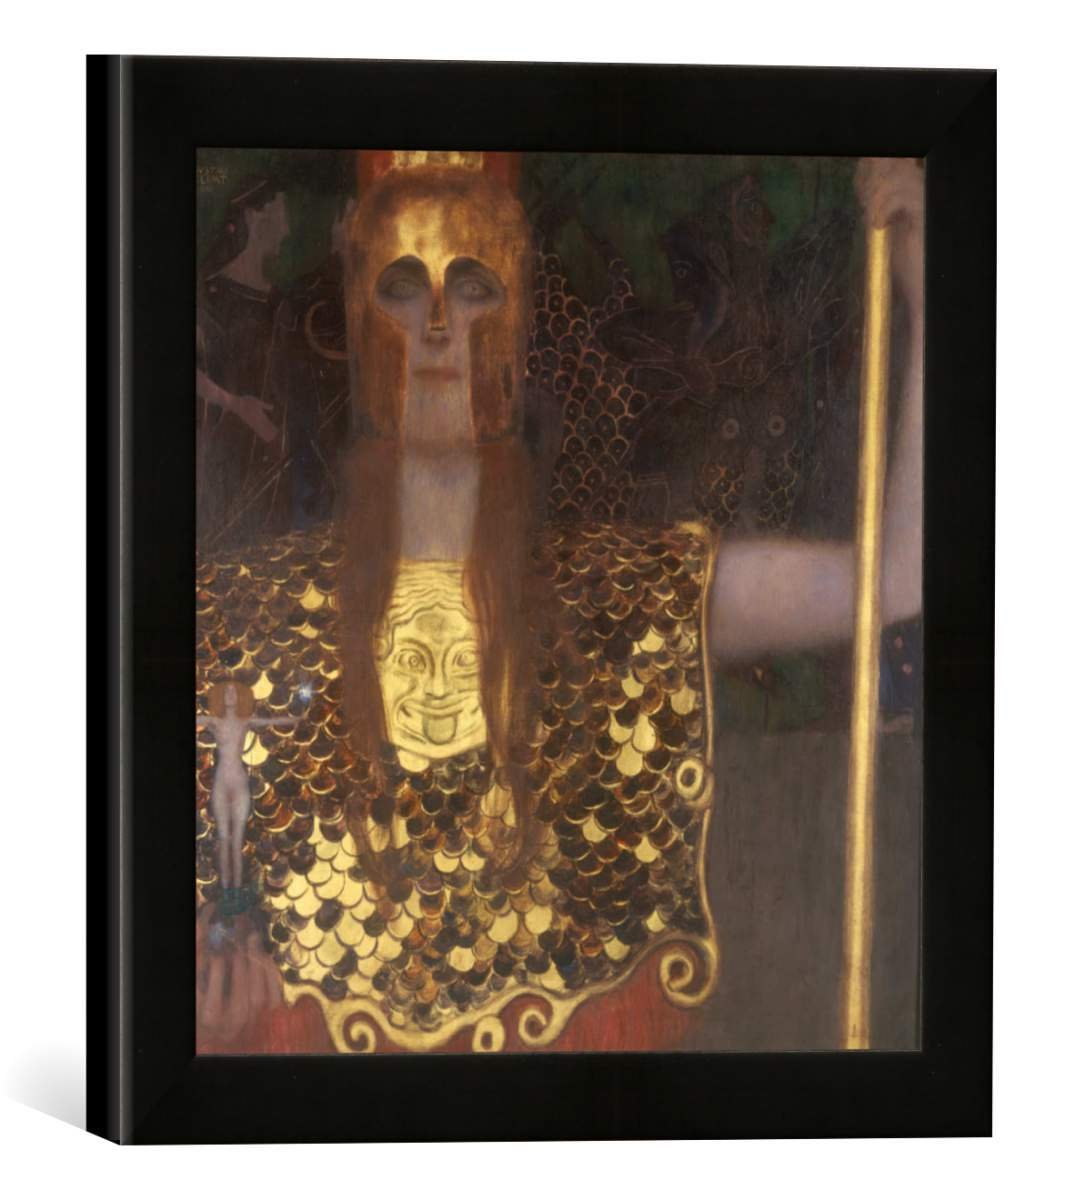 Gerahmtes Bild von Gustav Klimt Pallas Athene, Kunstdruck im hochwertigen handgefertigten Bilder-Rahmen, 30x30 cm, Schwarz matt